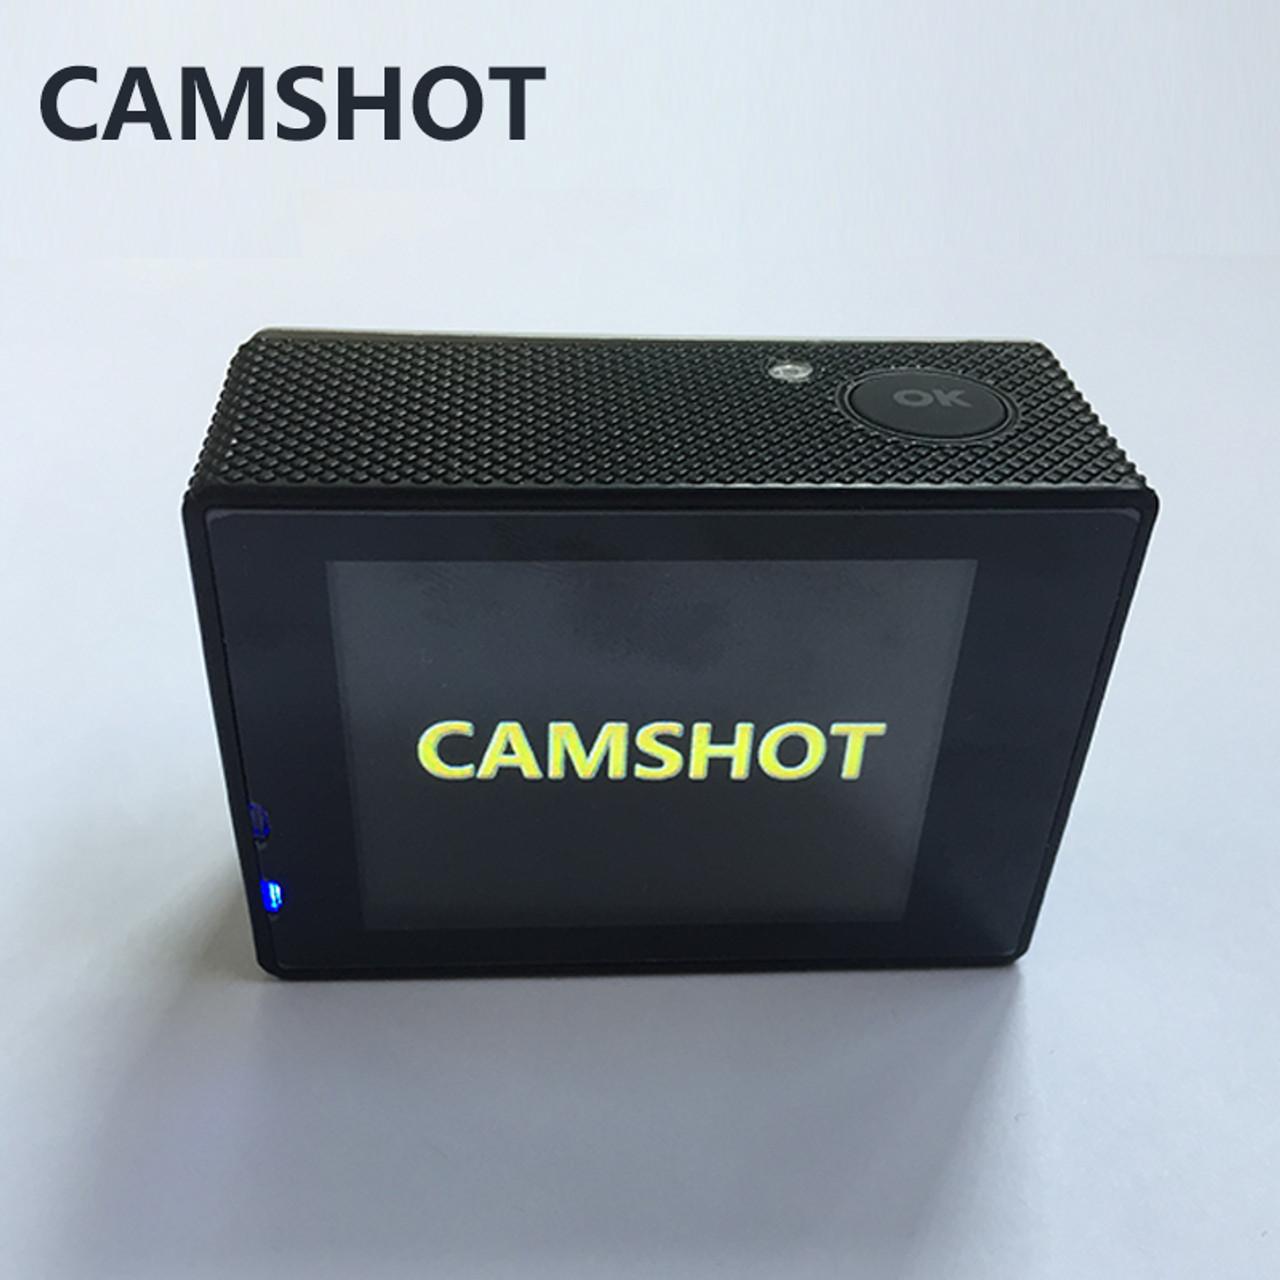 CAMSHOT Outdoor Sport Action Camera WIFI 4K 30fps 2 0LCD 1080P 60fps  underwater waterproof diving Surfing cycling helmet Cam